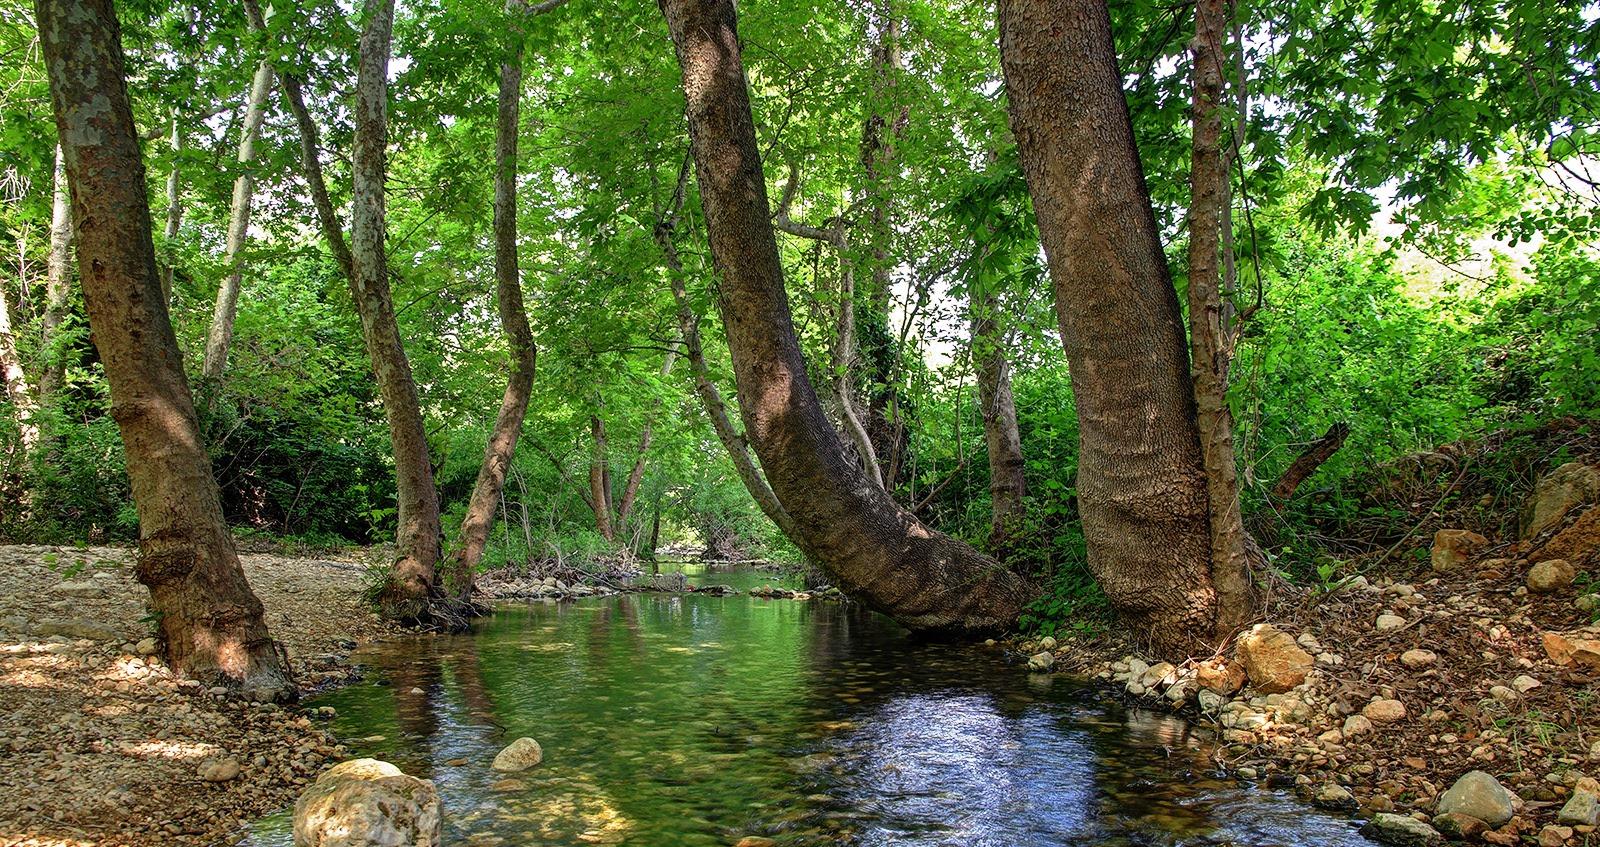 עצים הם לפעמים געגועים לנחל